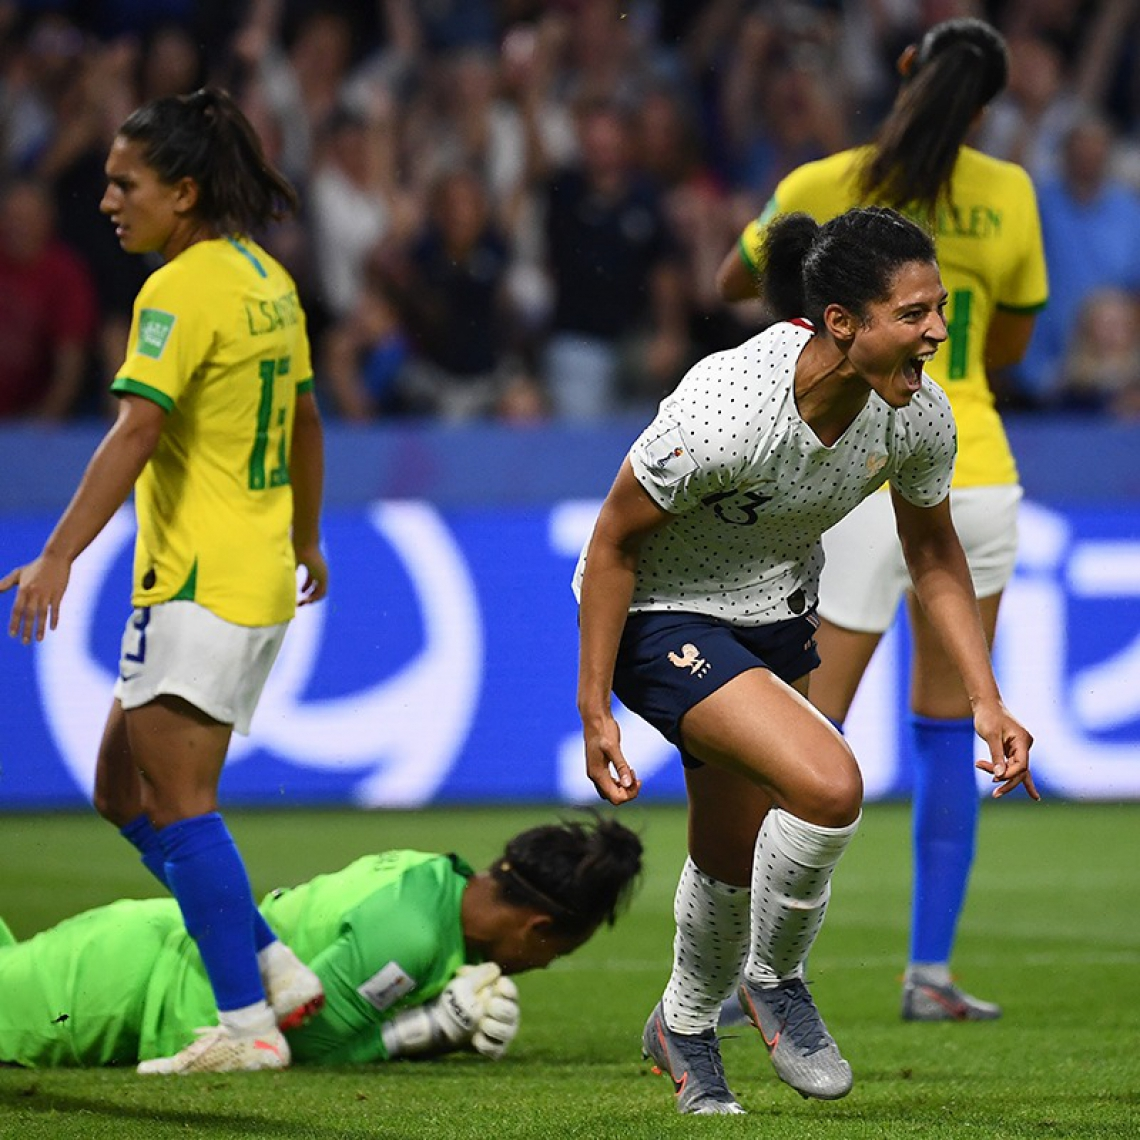 Nas quartas de final, a França enfrentará o vencedor do duelo entre EUA e Espanha